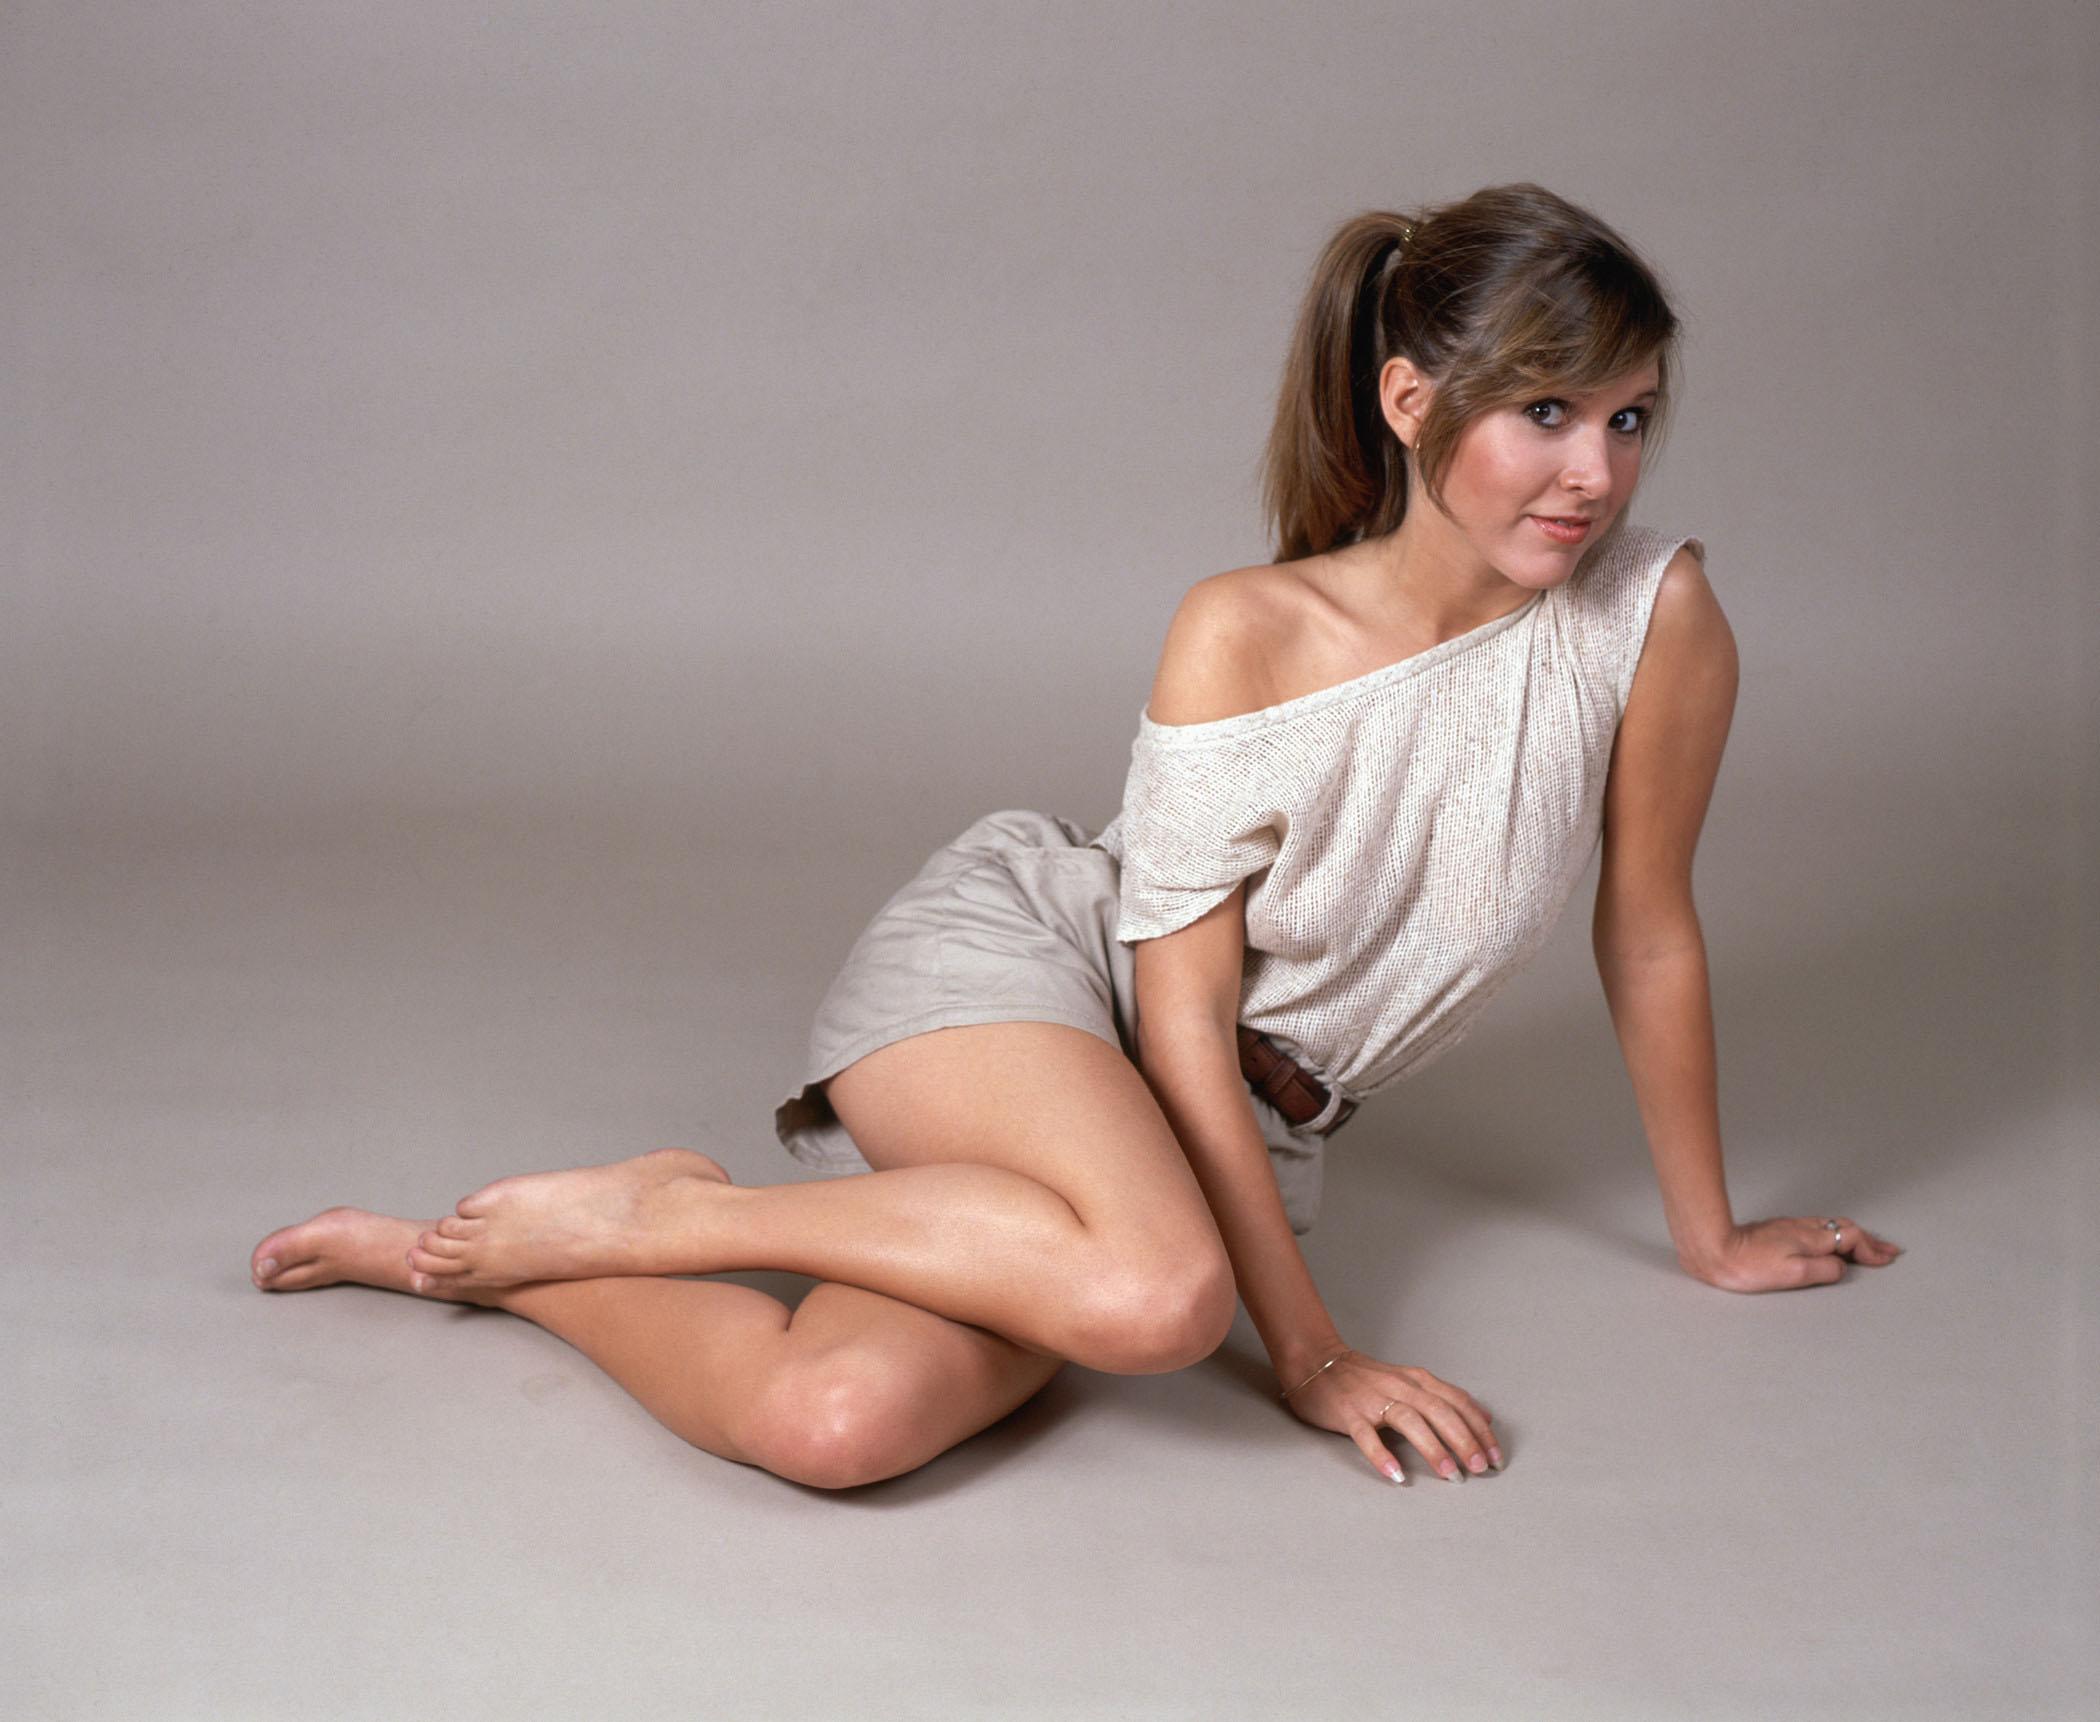 Carrie-Fisher-Feet-37081.jpg